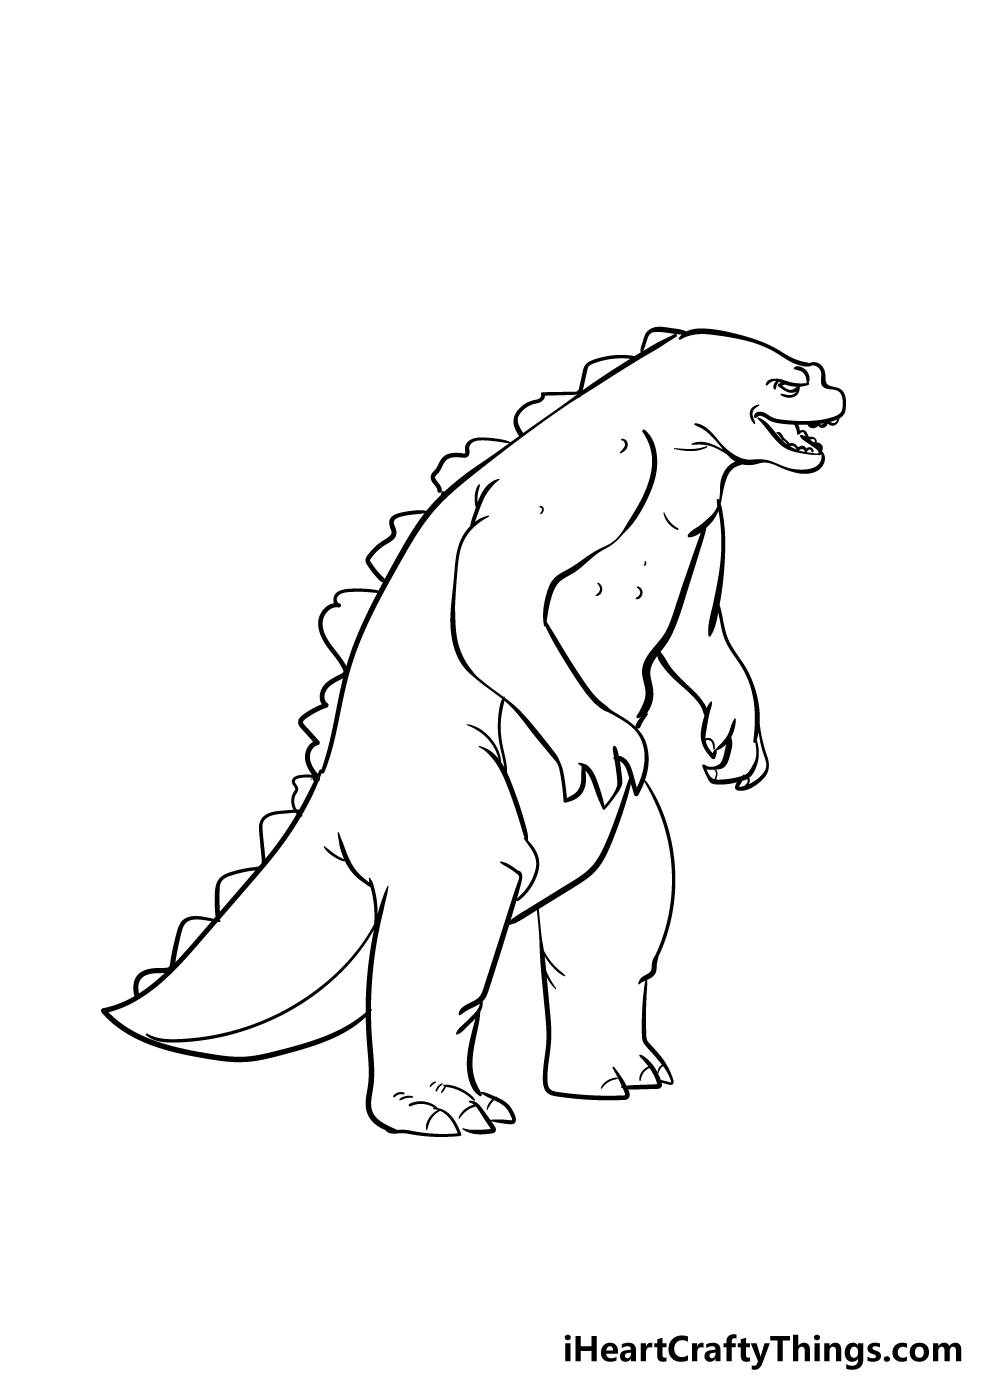 Godzilla drawing step 7